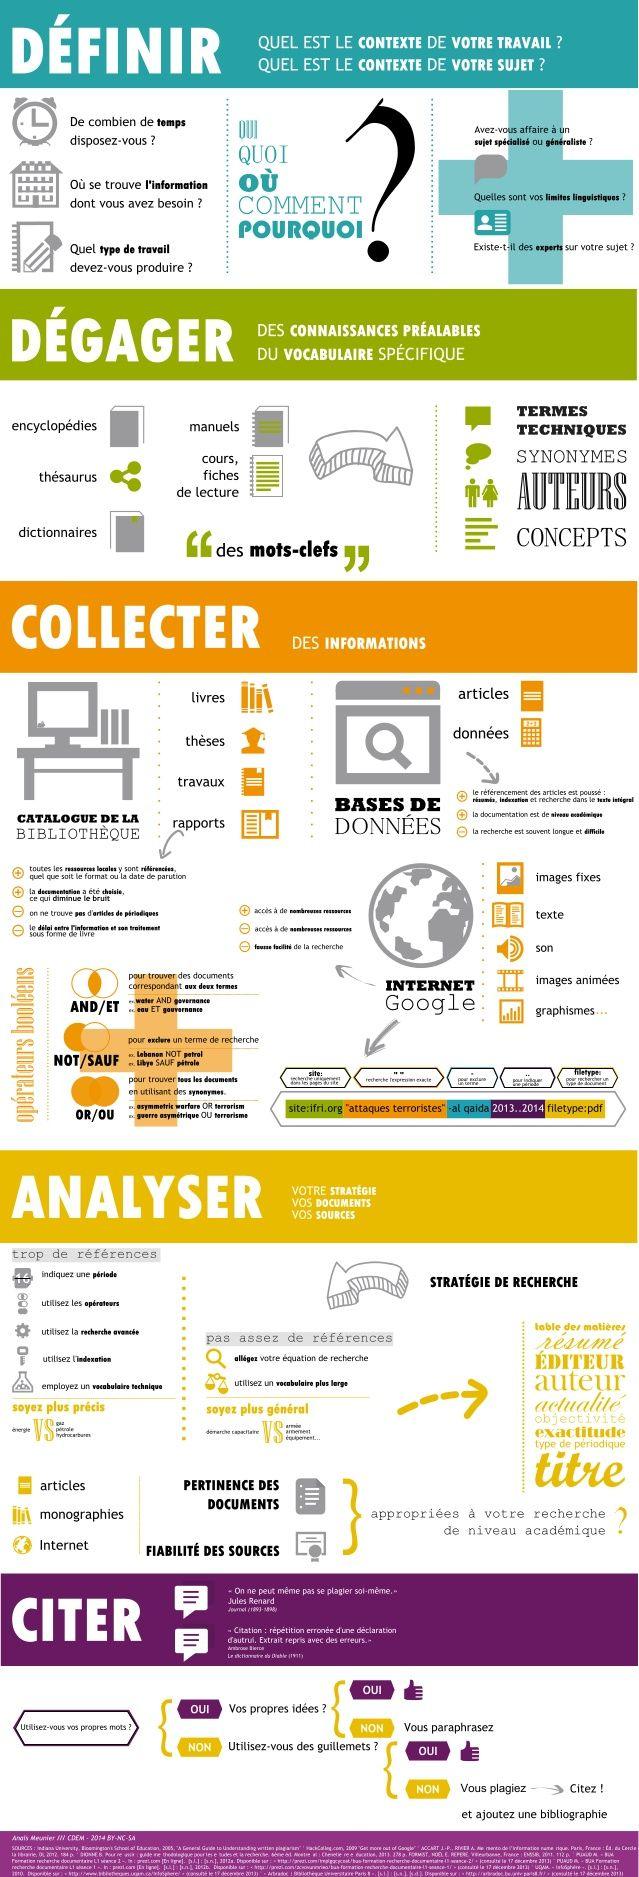 La recherche documentaire - Cette infographie proposée par Anaïs Meunier, bibliothécaire à la Bibliothèque Universitaire d'Angers reprend les étapes essentielle d'une recherche documentaire.